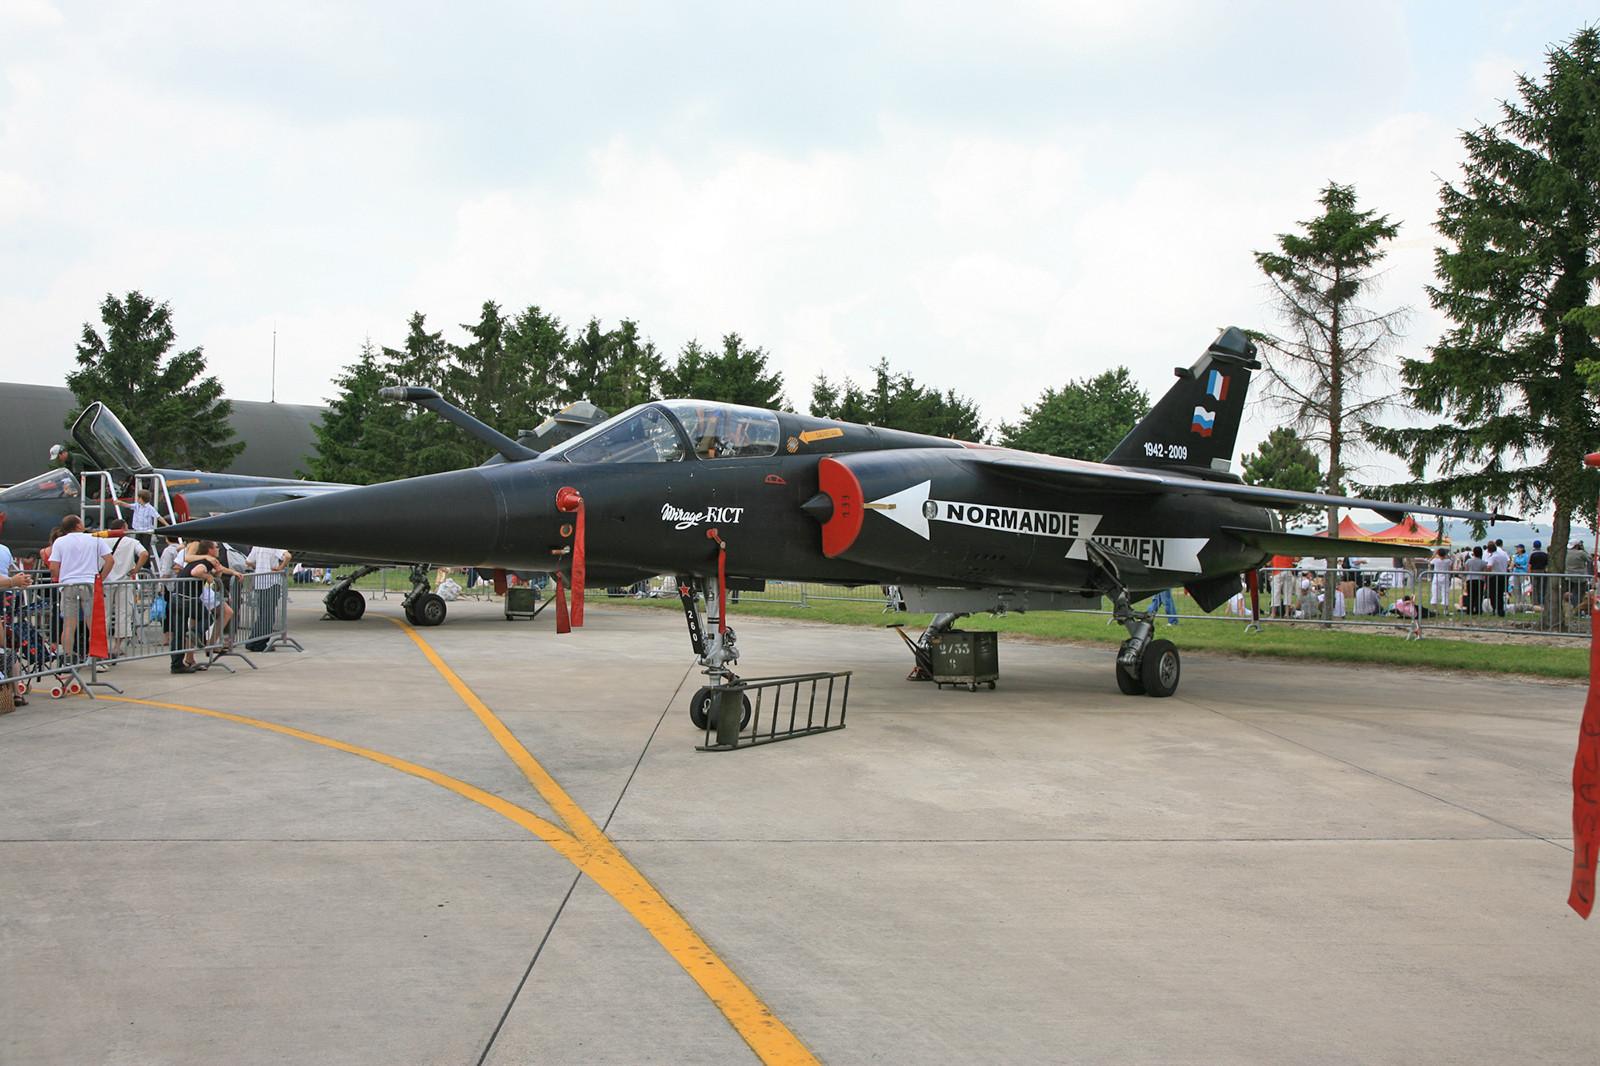 """Zum vorläufigen Ende der EC02.030 """"Normandie-Niemen"""" erhielt die """"260"""" diese Sonderlackierung, die auch auf die Vergangenheit der Staffel im II. Weltkrieg hinweist."""